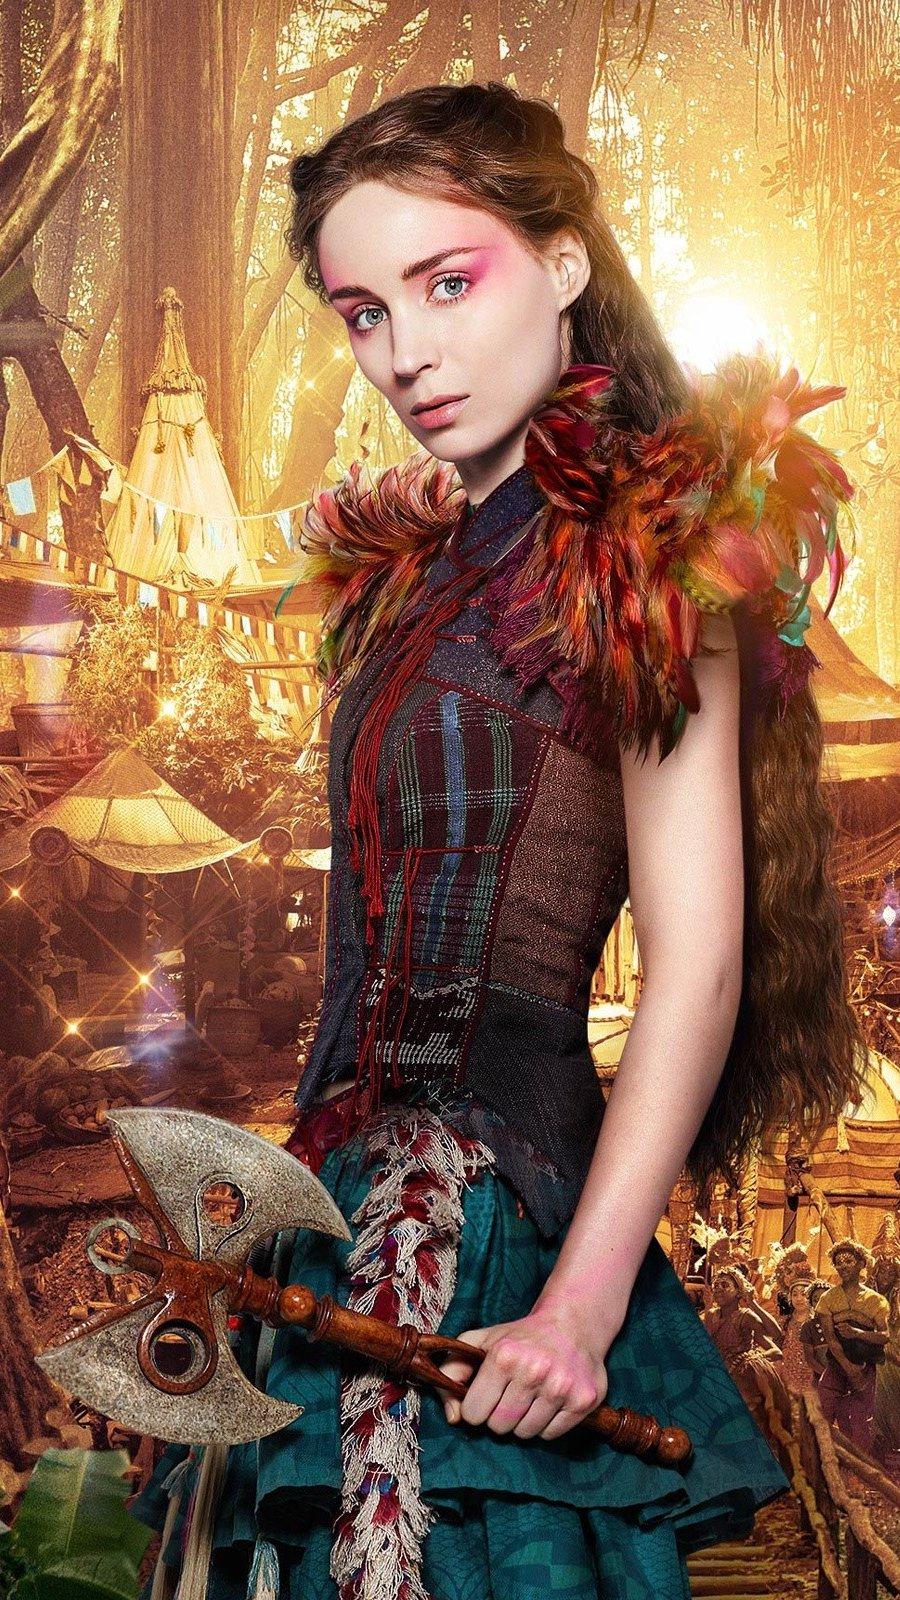 Fondos de pantalla Rooney Mara como Tigrilla en Pan Vertical